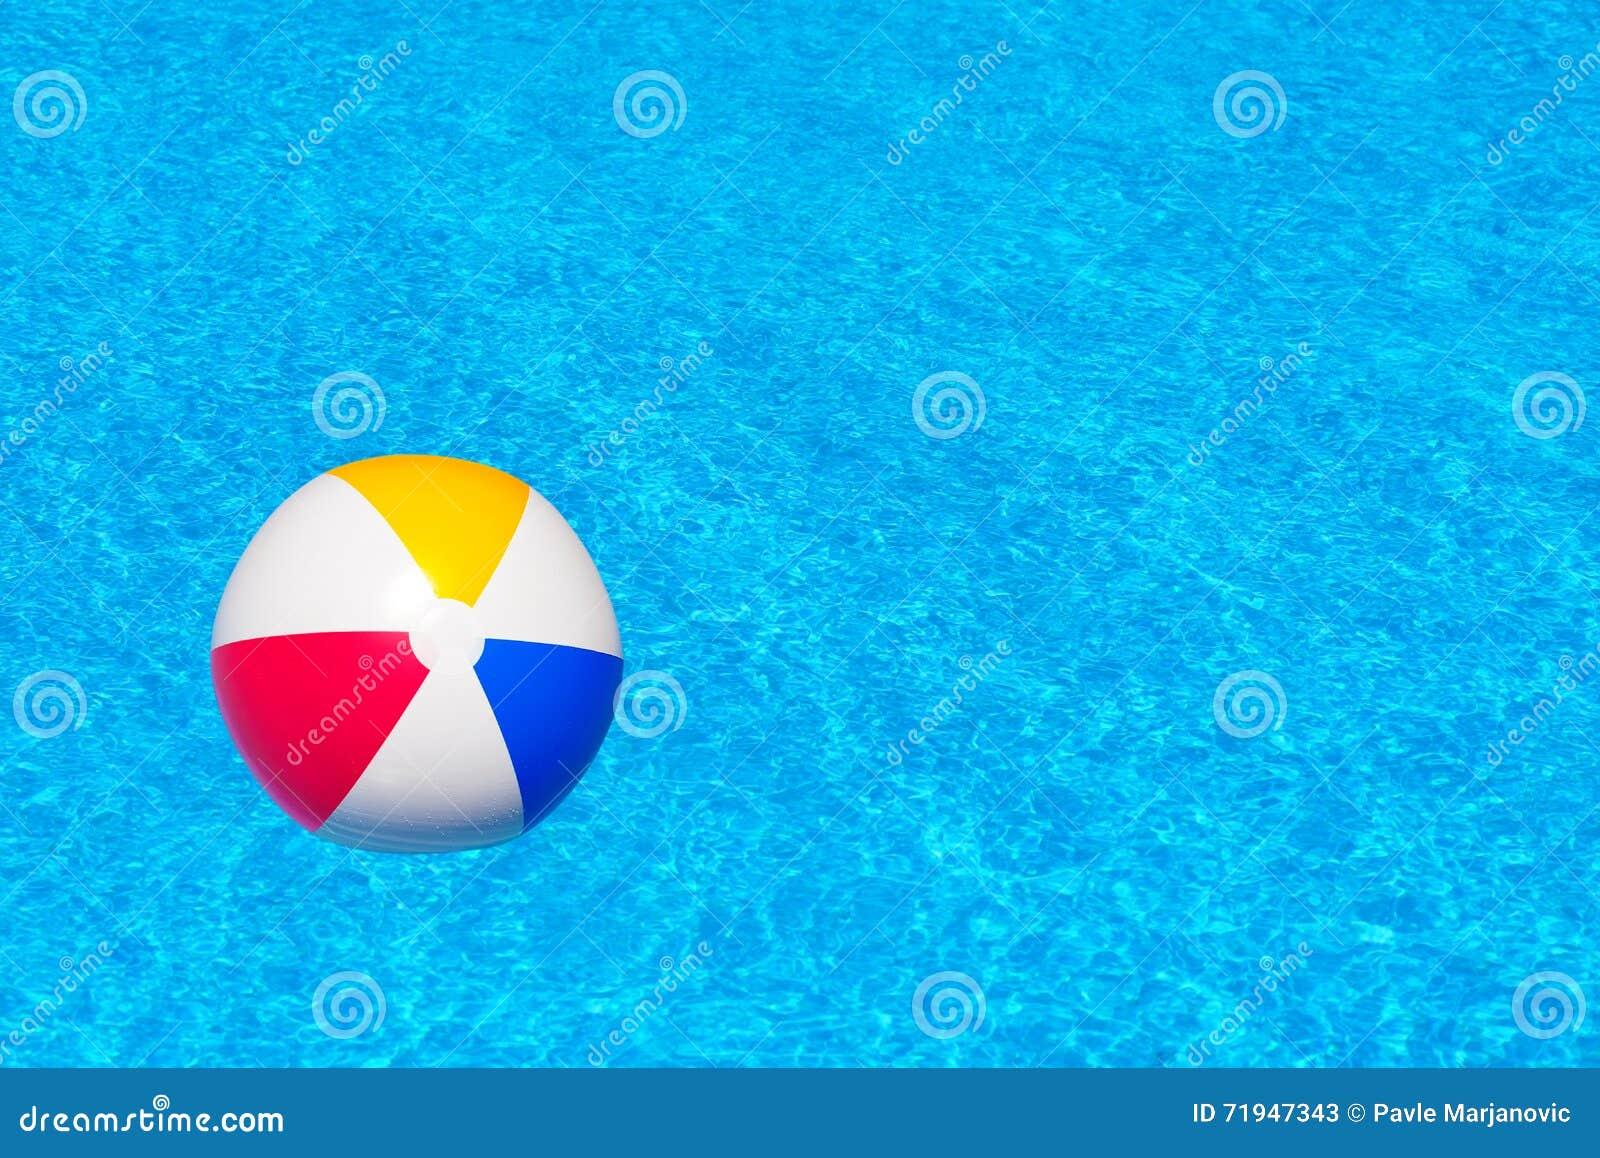 Красочный раздувной шарик в бассейне